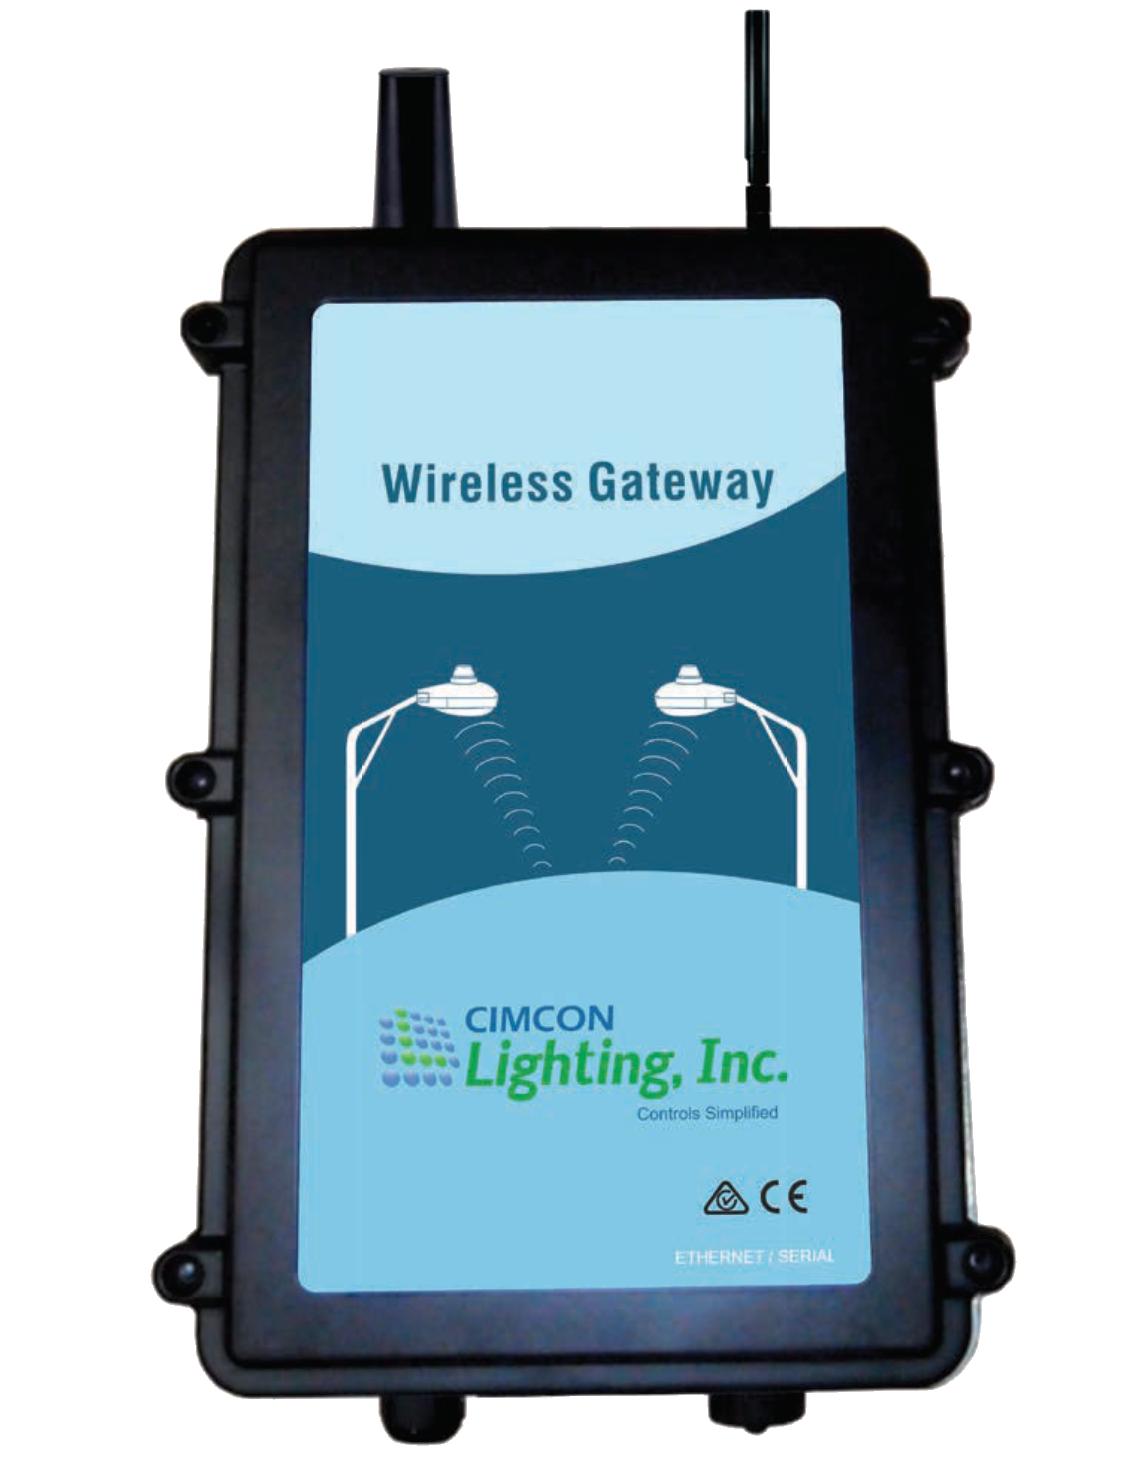 WirelessGateway 4G